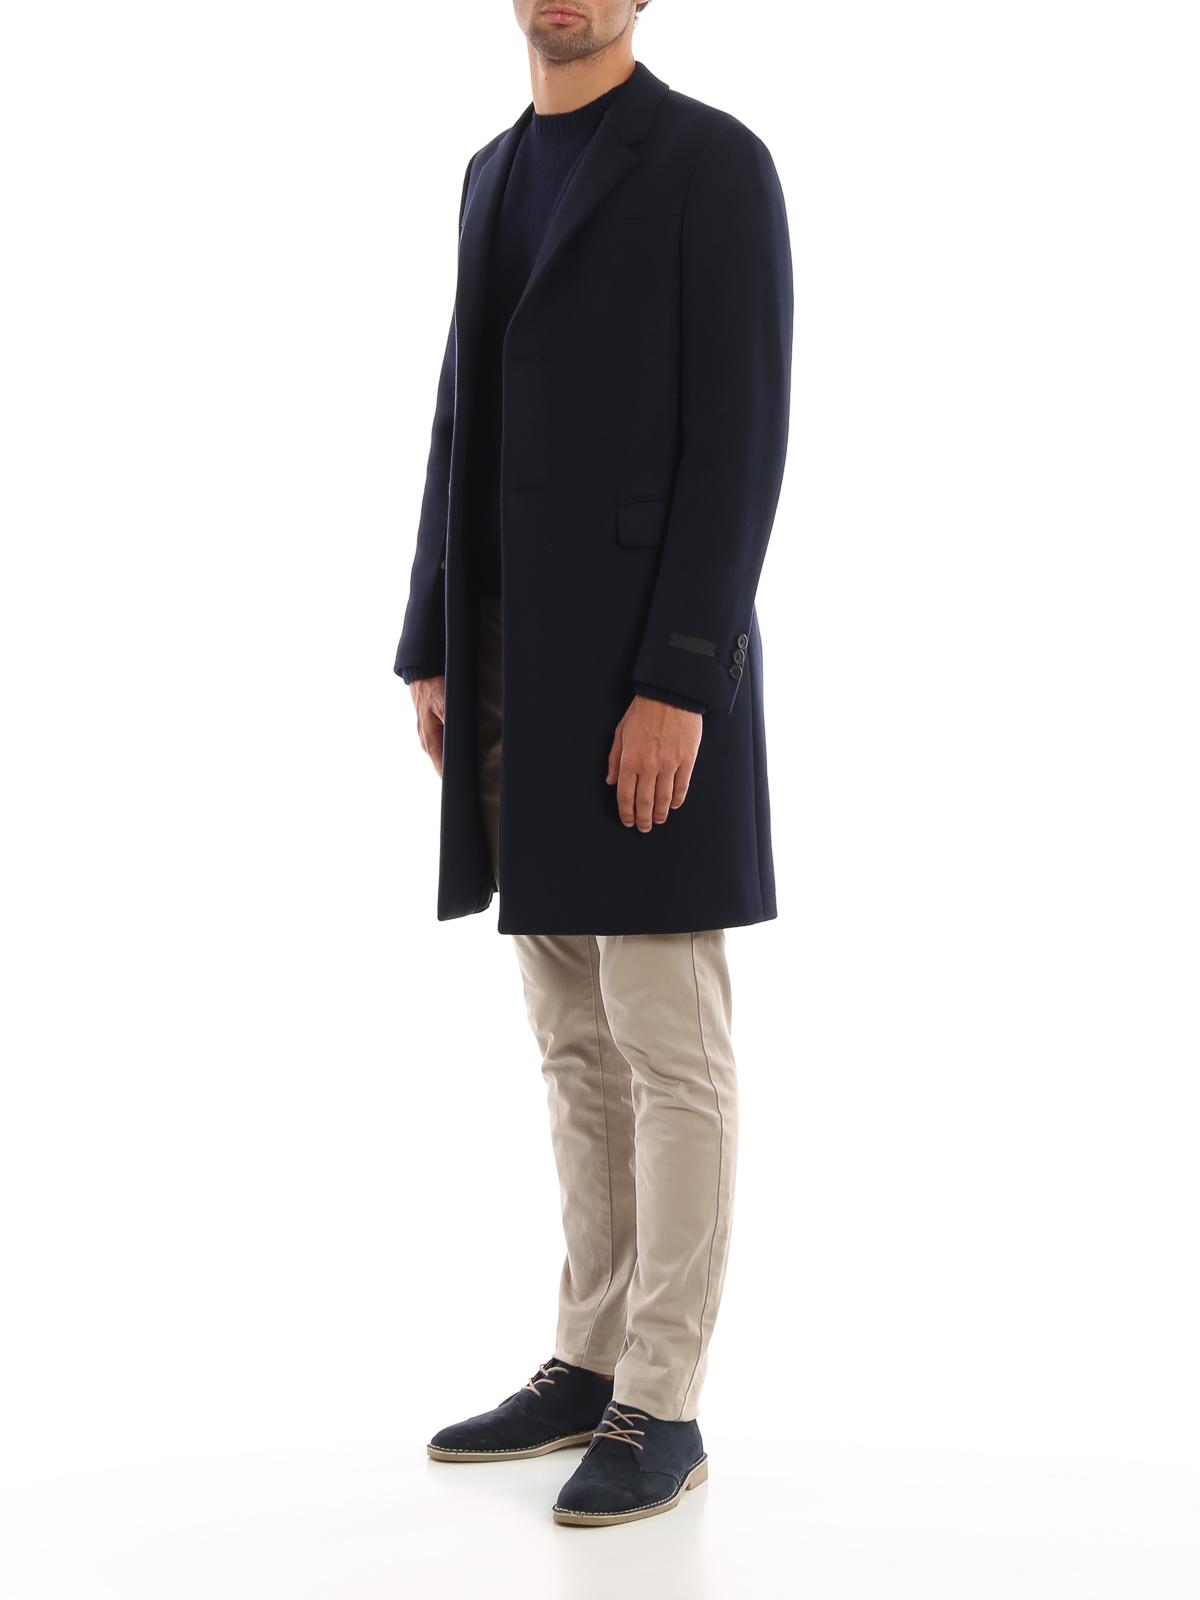 buy popular 5d069 8fad1 Prada - Cappotto in lana misto cashmere - cappotti corti ...